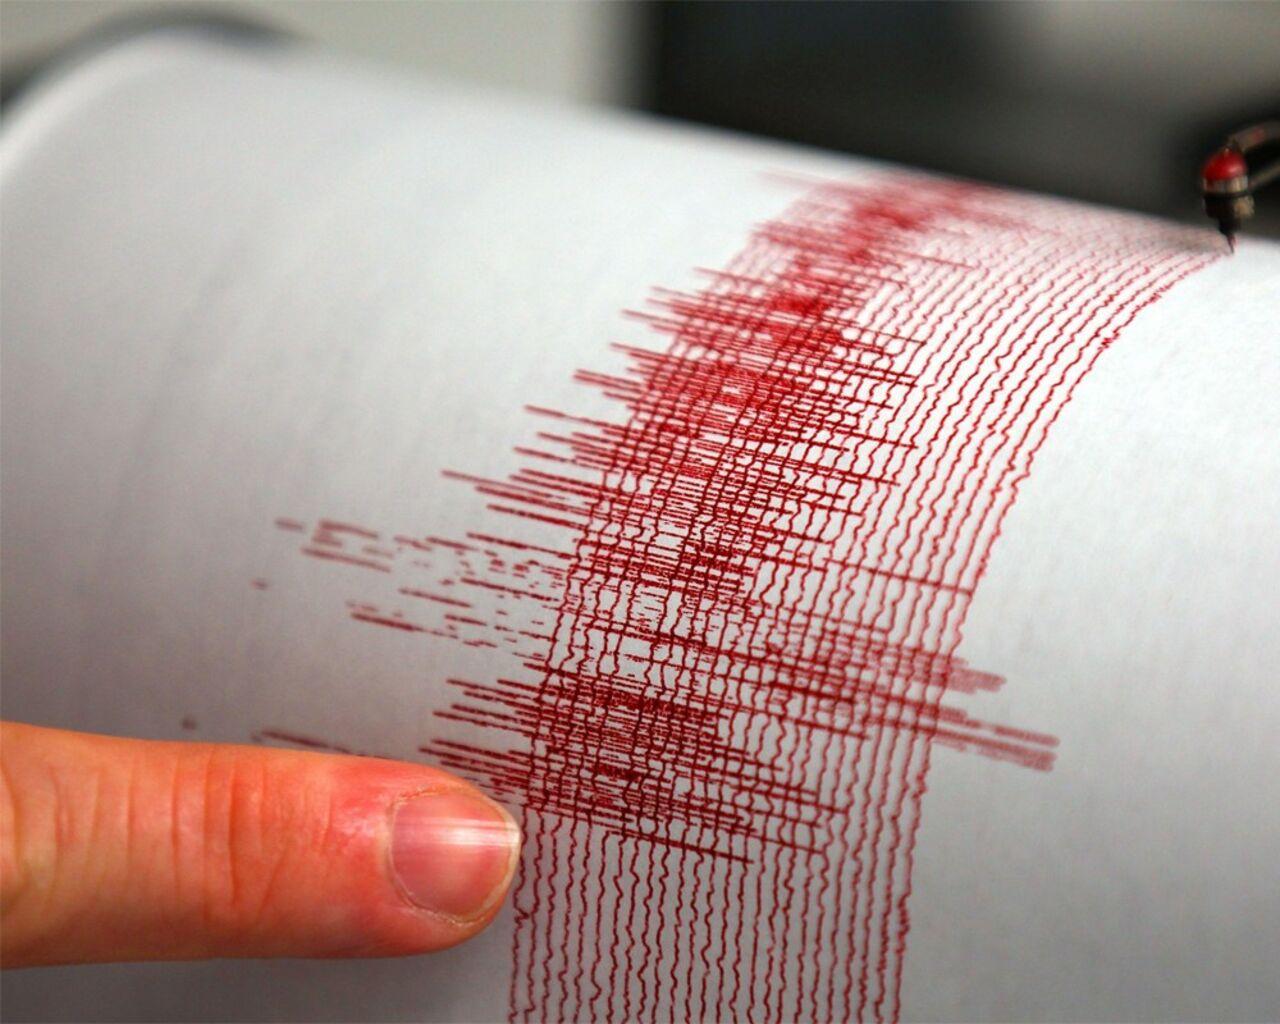 Землетрясение силой 7,6 вблизи новоиспеченной Каледонии может вызвать цунами